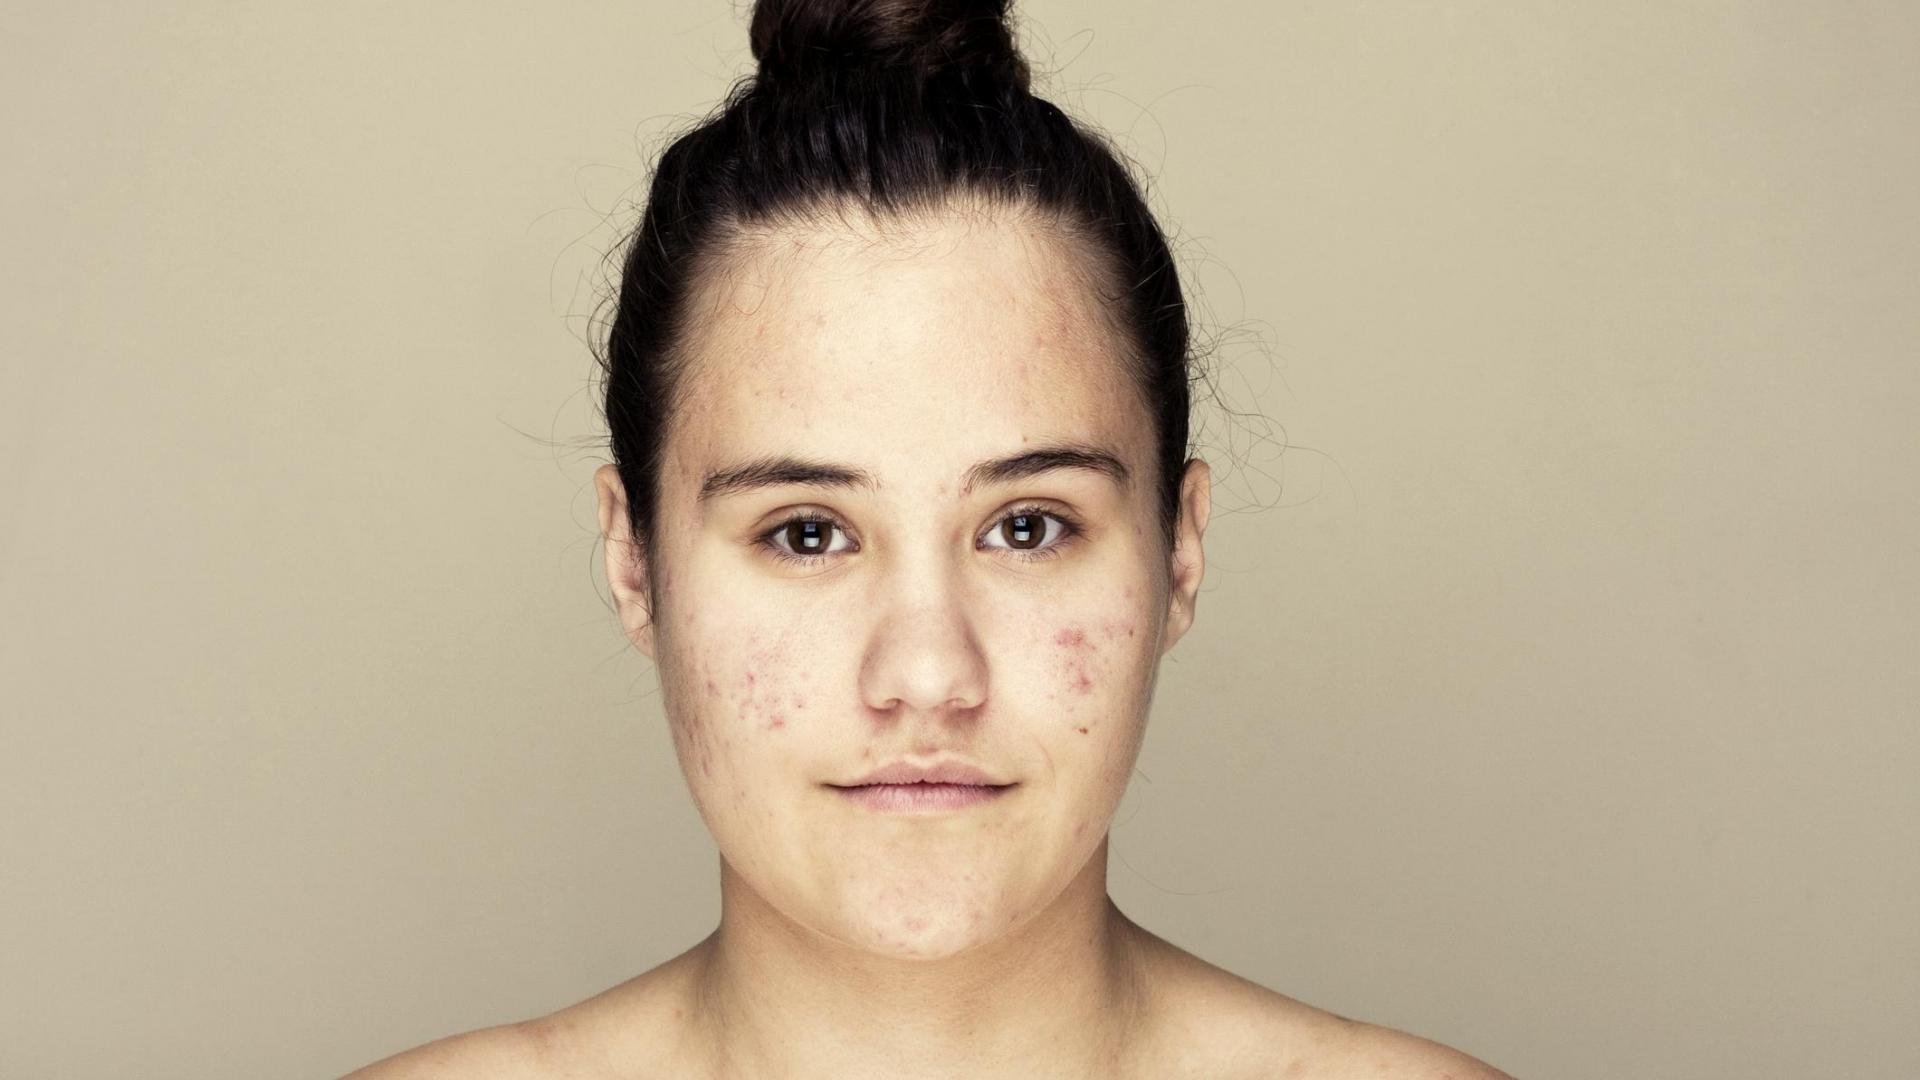 mädchen kein make up schminke haut pickel